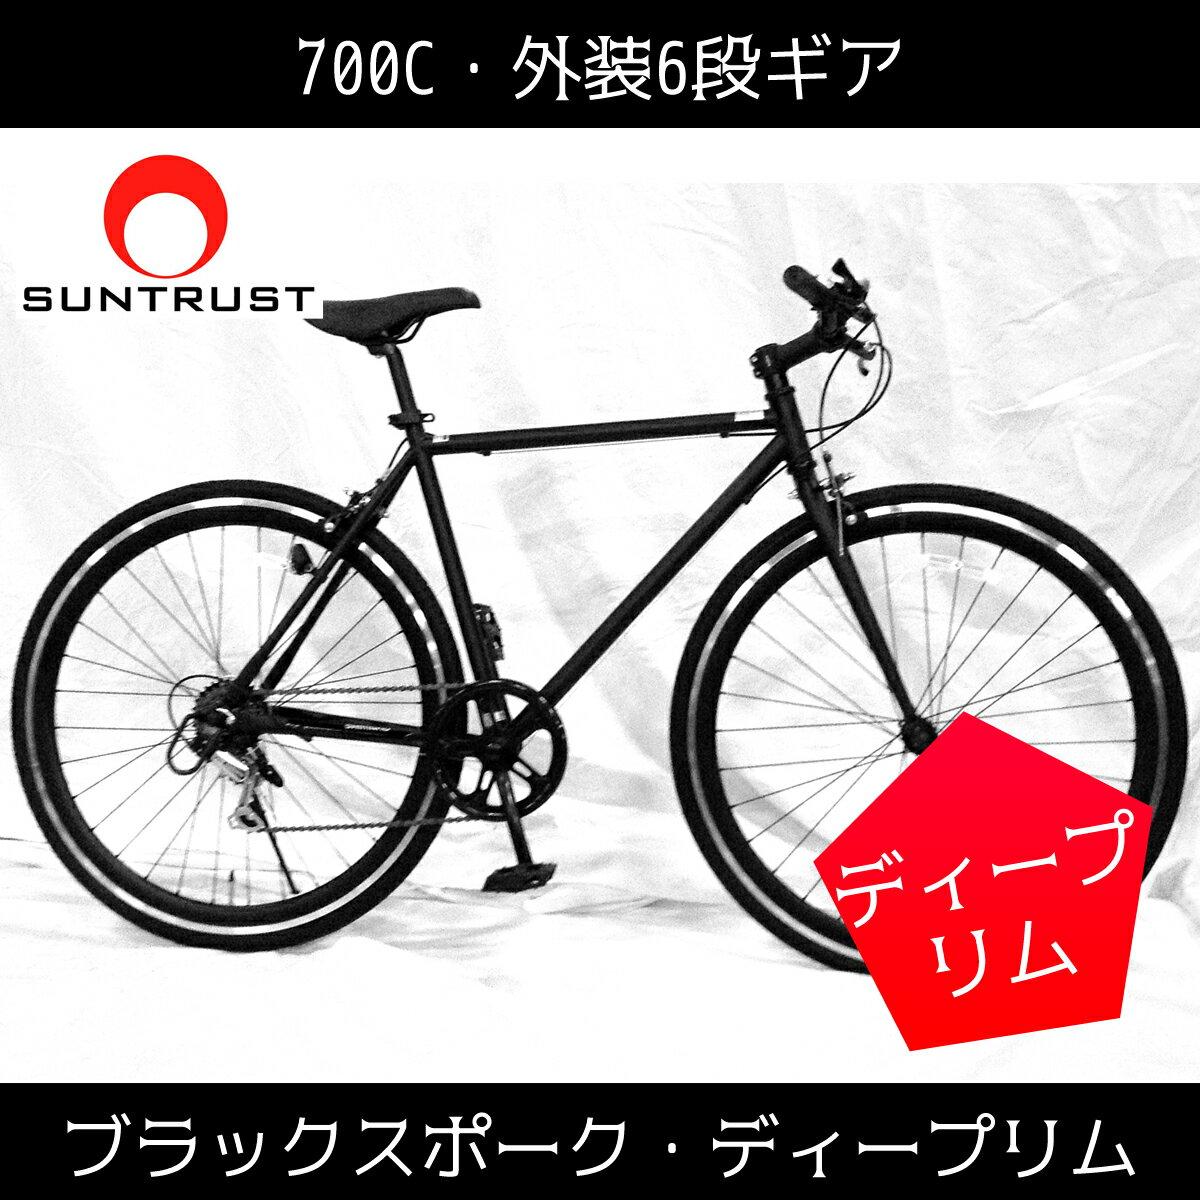 2台セット販売【送料無料 自転車 クロスバイク 700c 6段ギア ディープリム ブラックスポーク】サントラスト(SUNTRUST)自転車 ブラック/黒 クロスバイク かっこいい自転車 デカールなし 初心者から中級者向けのかっこいいデザインフォルムのクロスバイクです。ディープリムは空気抵抗を抑えられるといわれており、ホイールの耐久性を高め、パワーが伝わりやすいです。【?浅い】